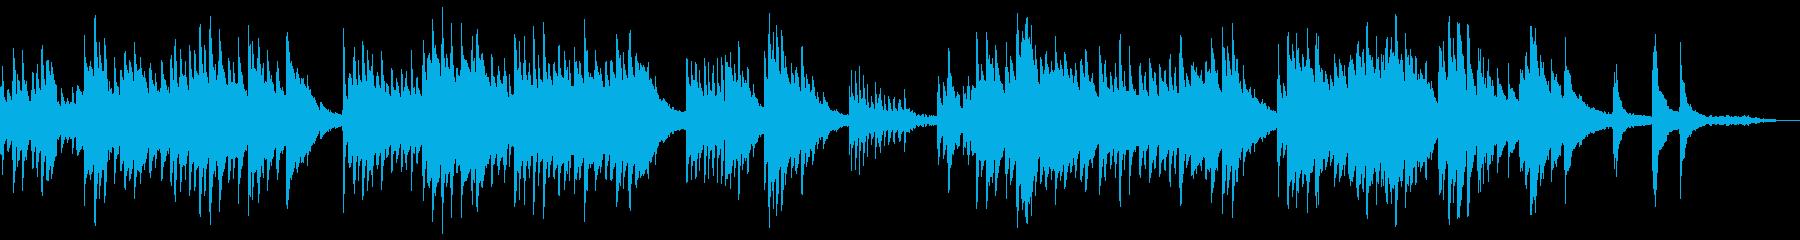 室内楽 クラシック 交響曲 ほのぼ...の再生済みの波形